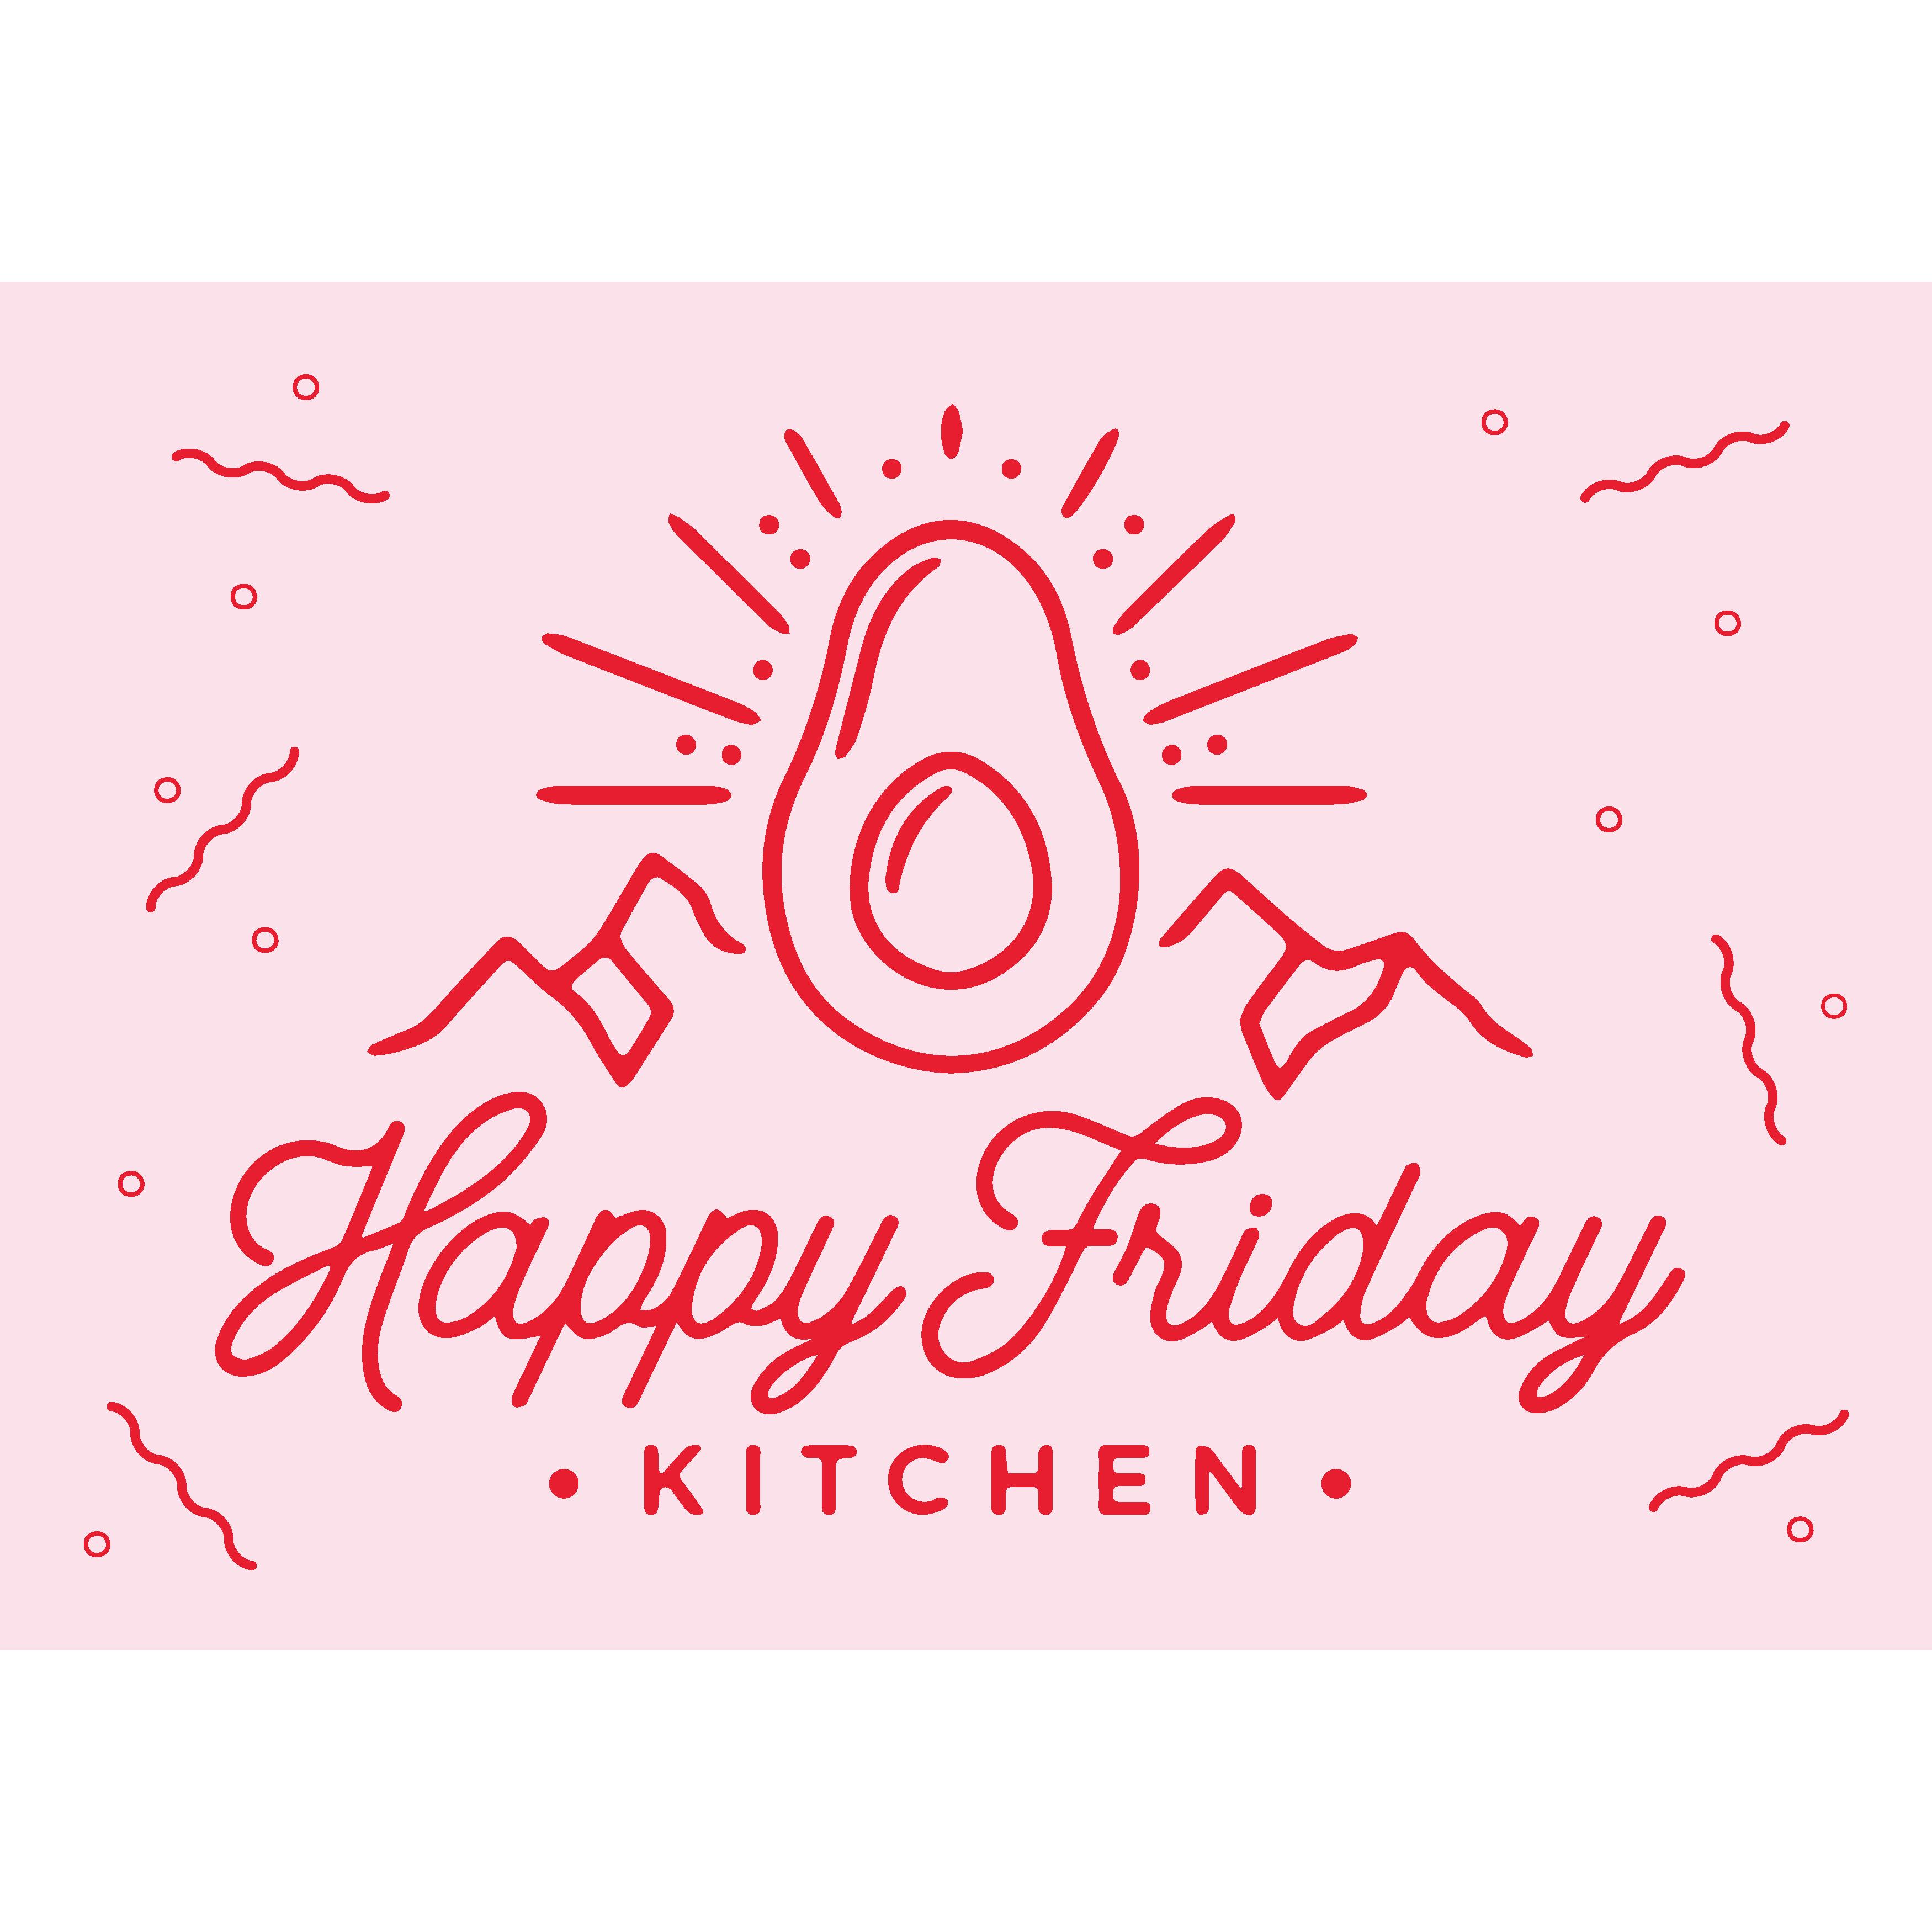 Happy Friday Kitchen